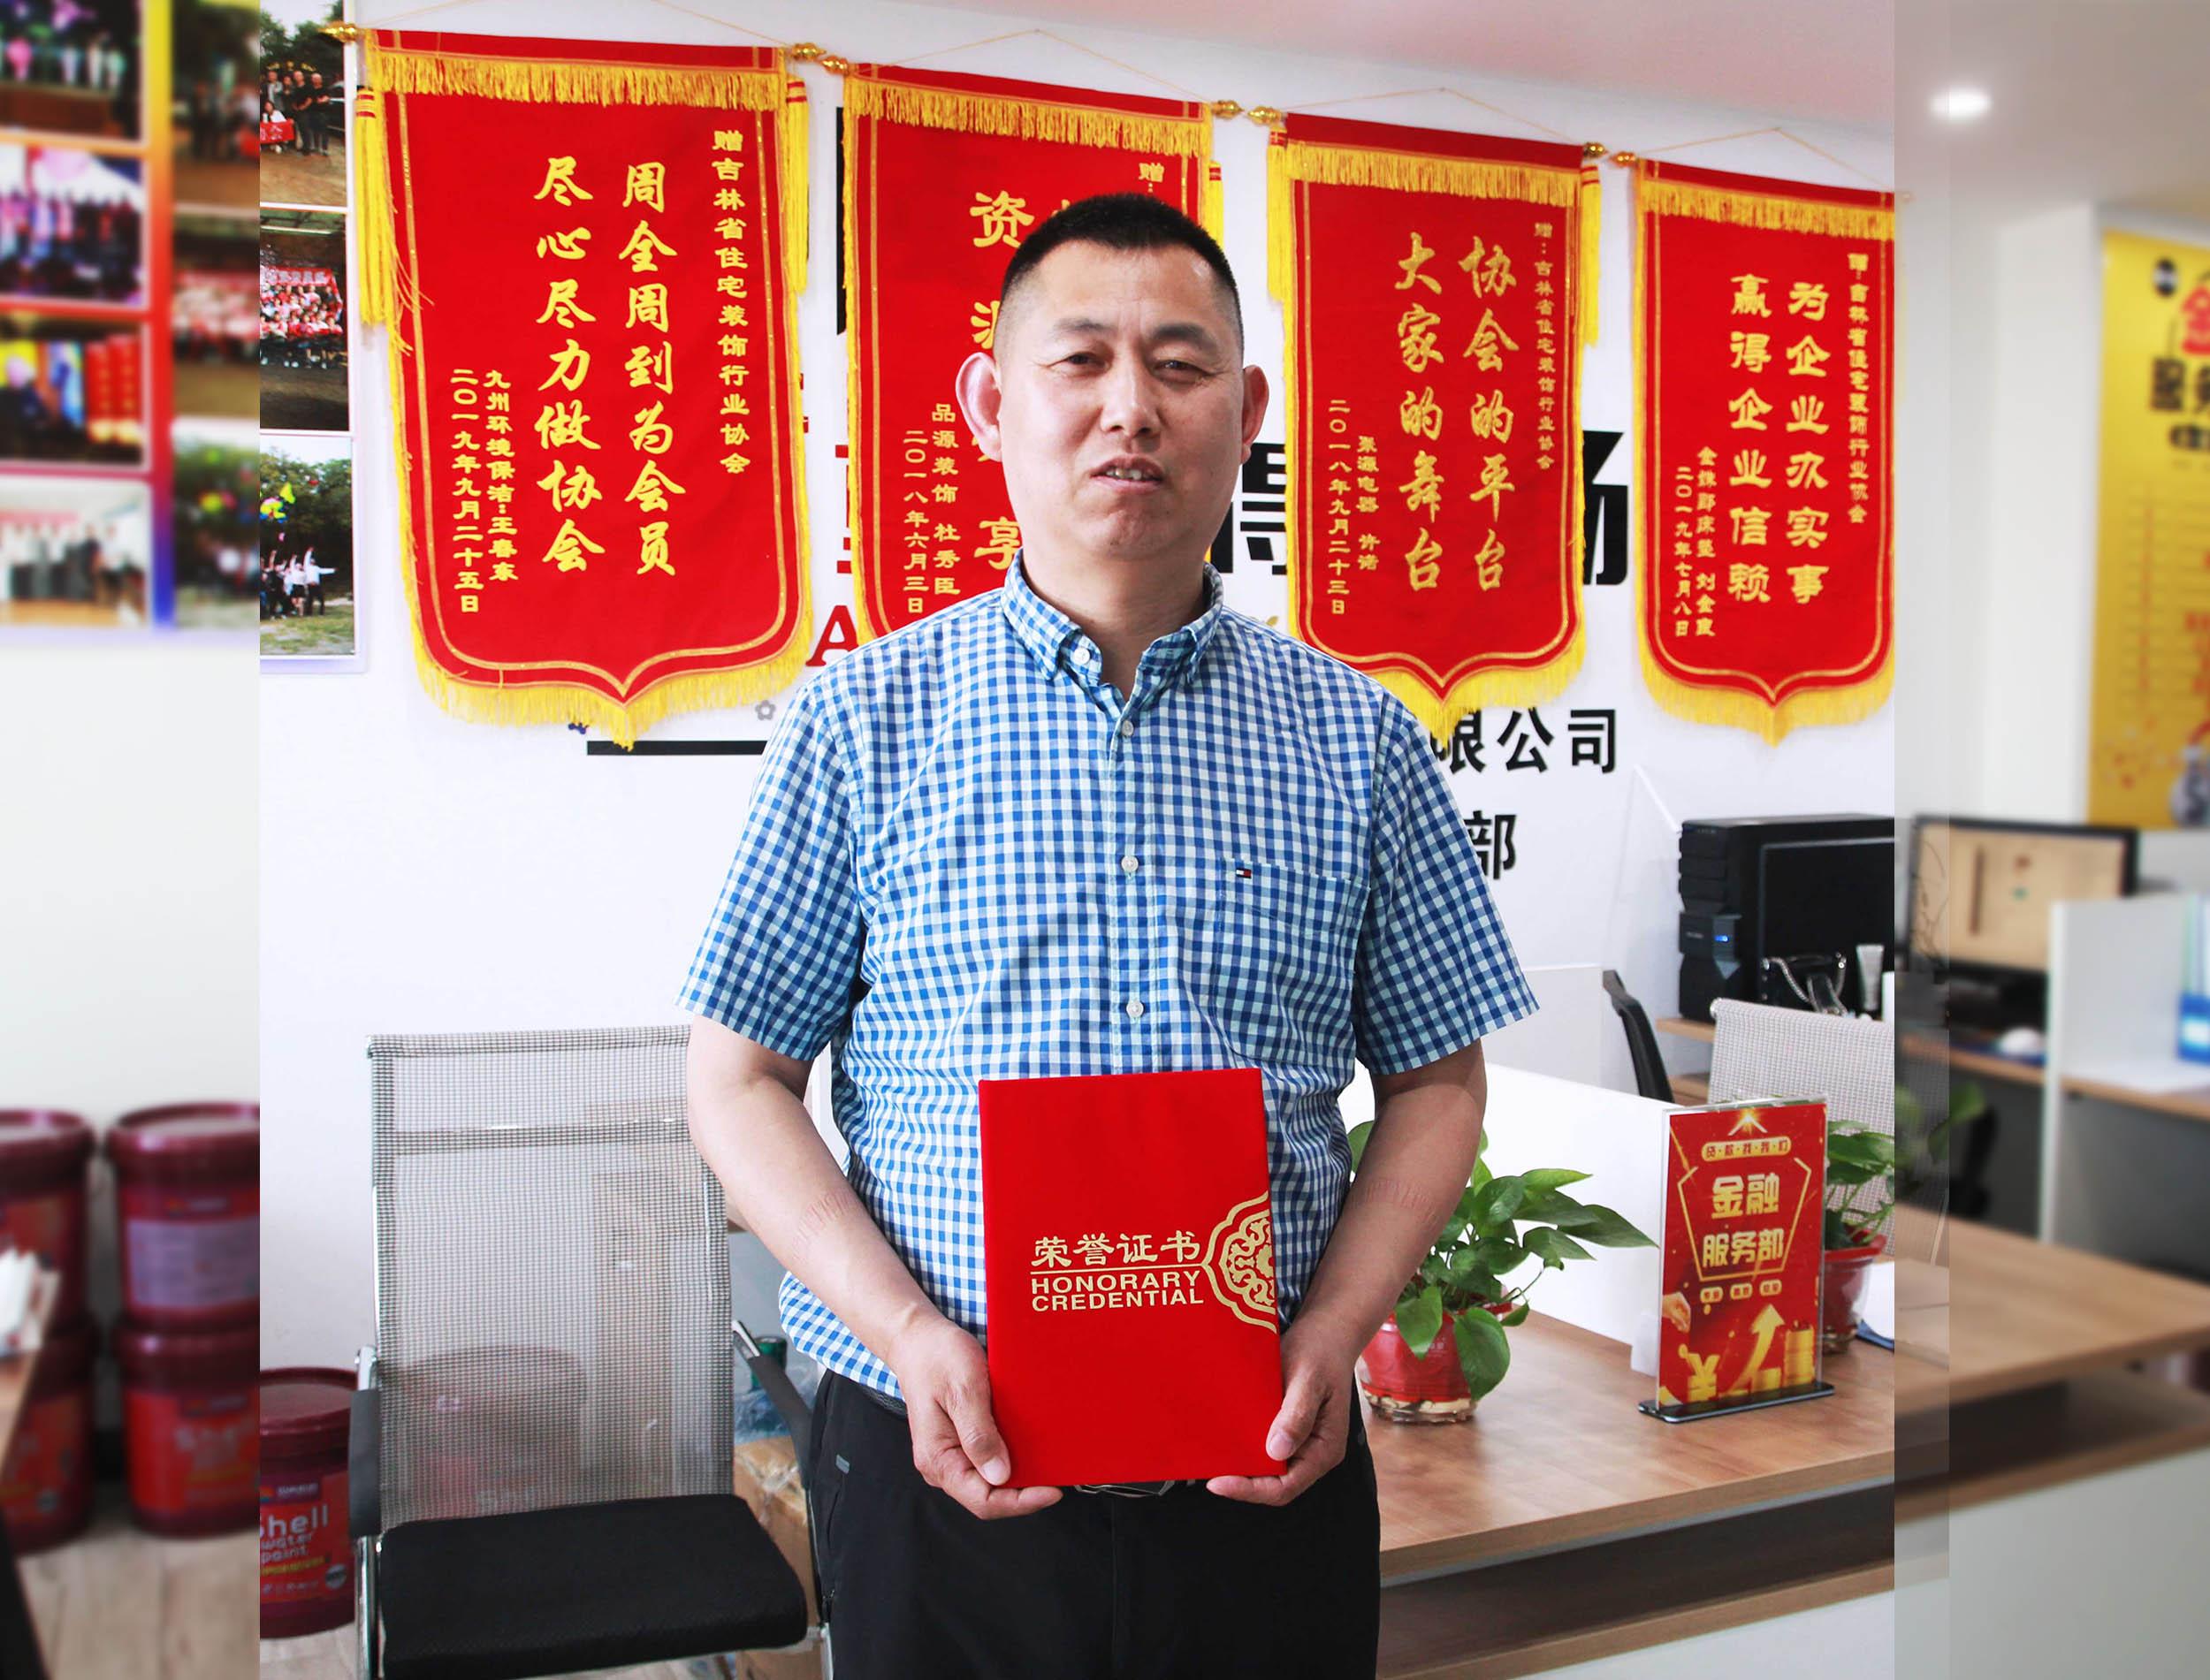 吉林康盛商贸有限公司——李天来